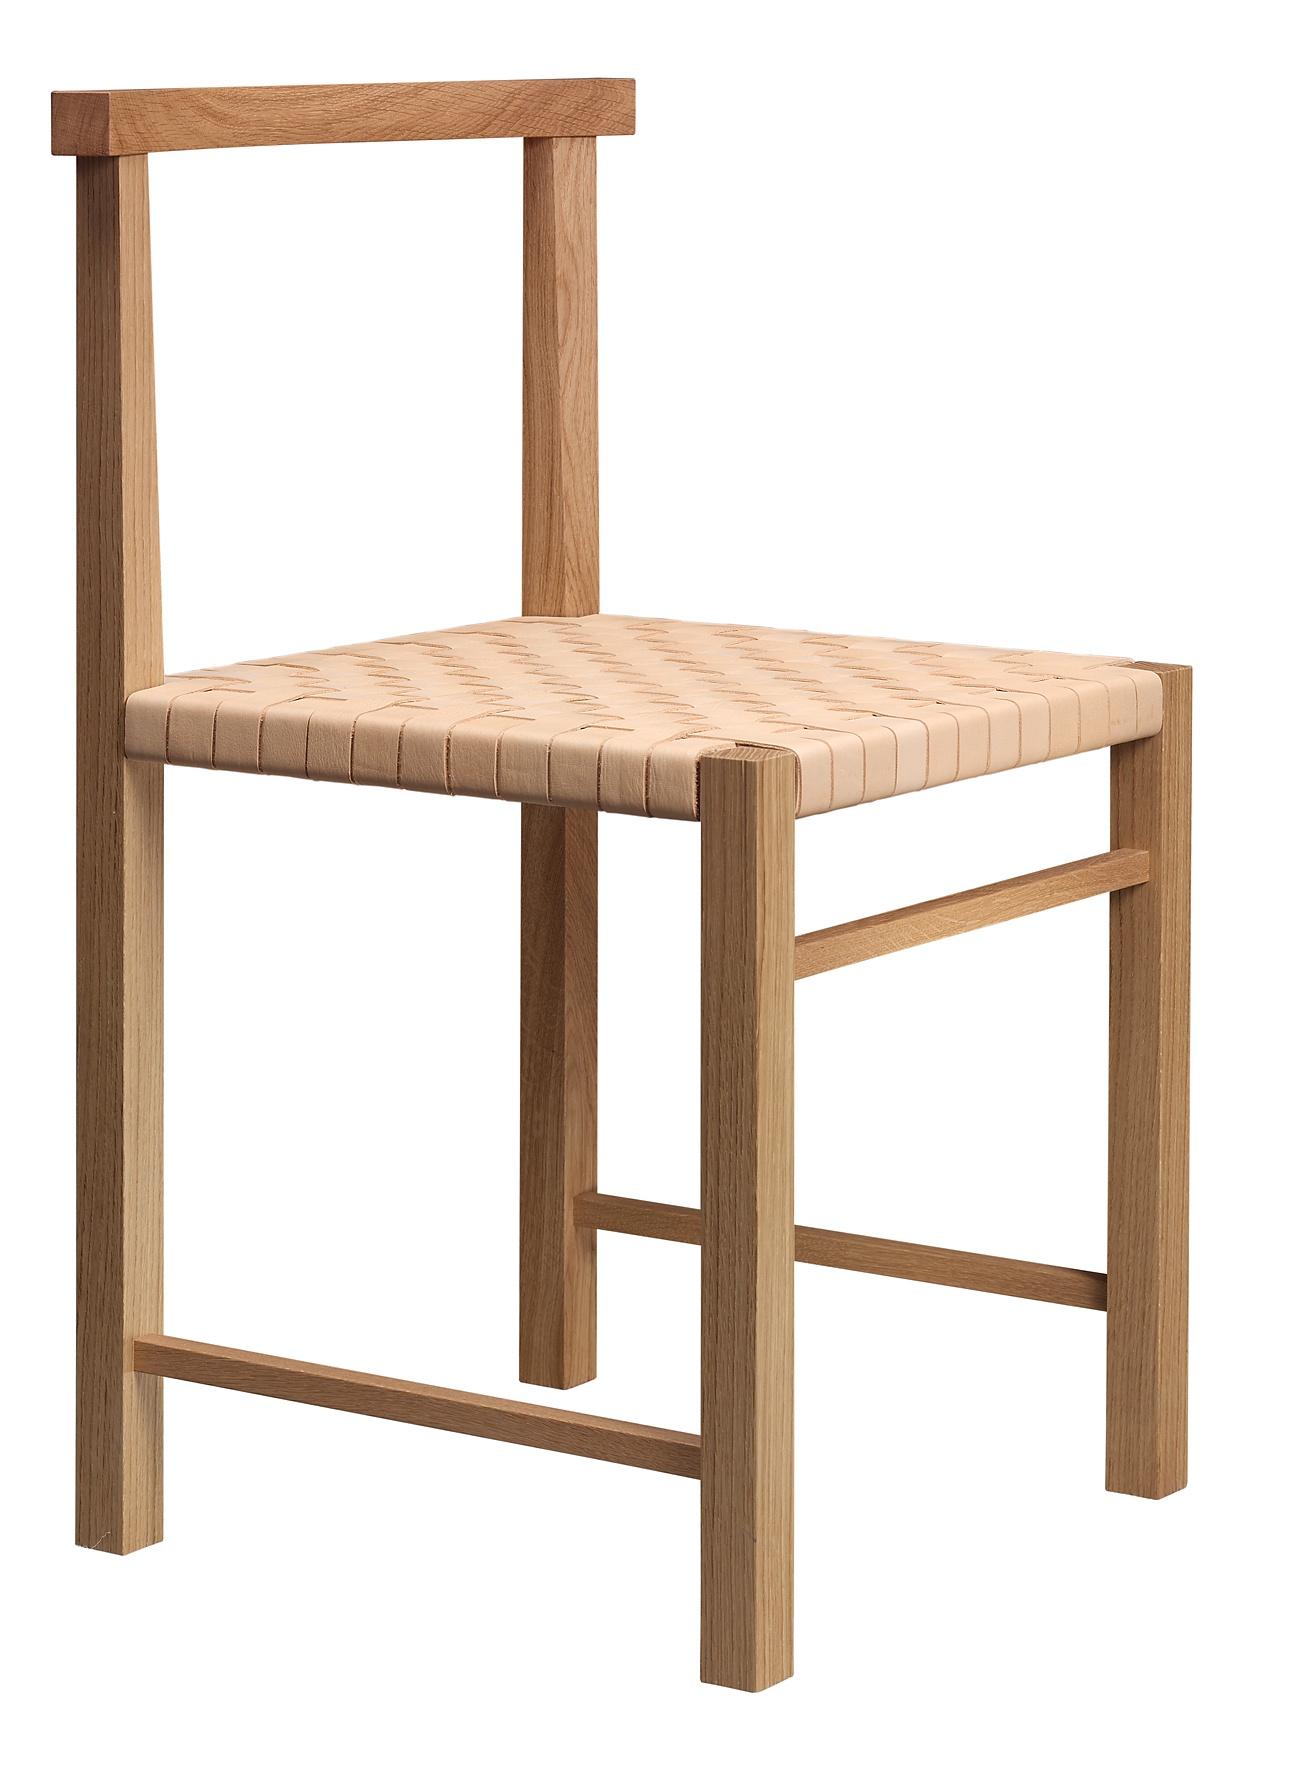 bauhaus 9 der stuhl karnak von ferdinand kramer minimum. Black Bedroom Furniture Sets. Home Design Ideas